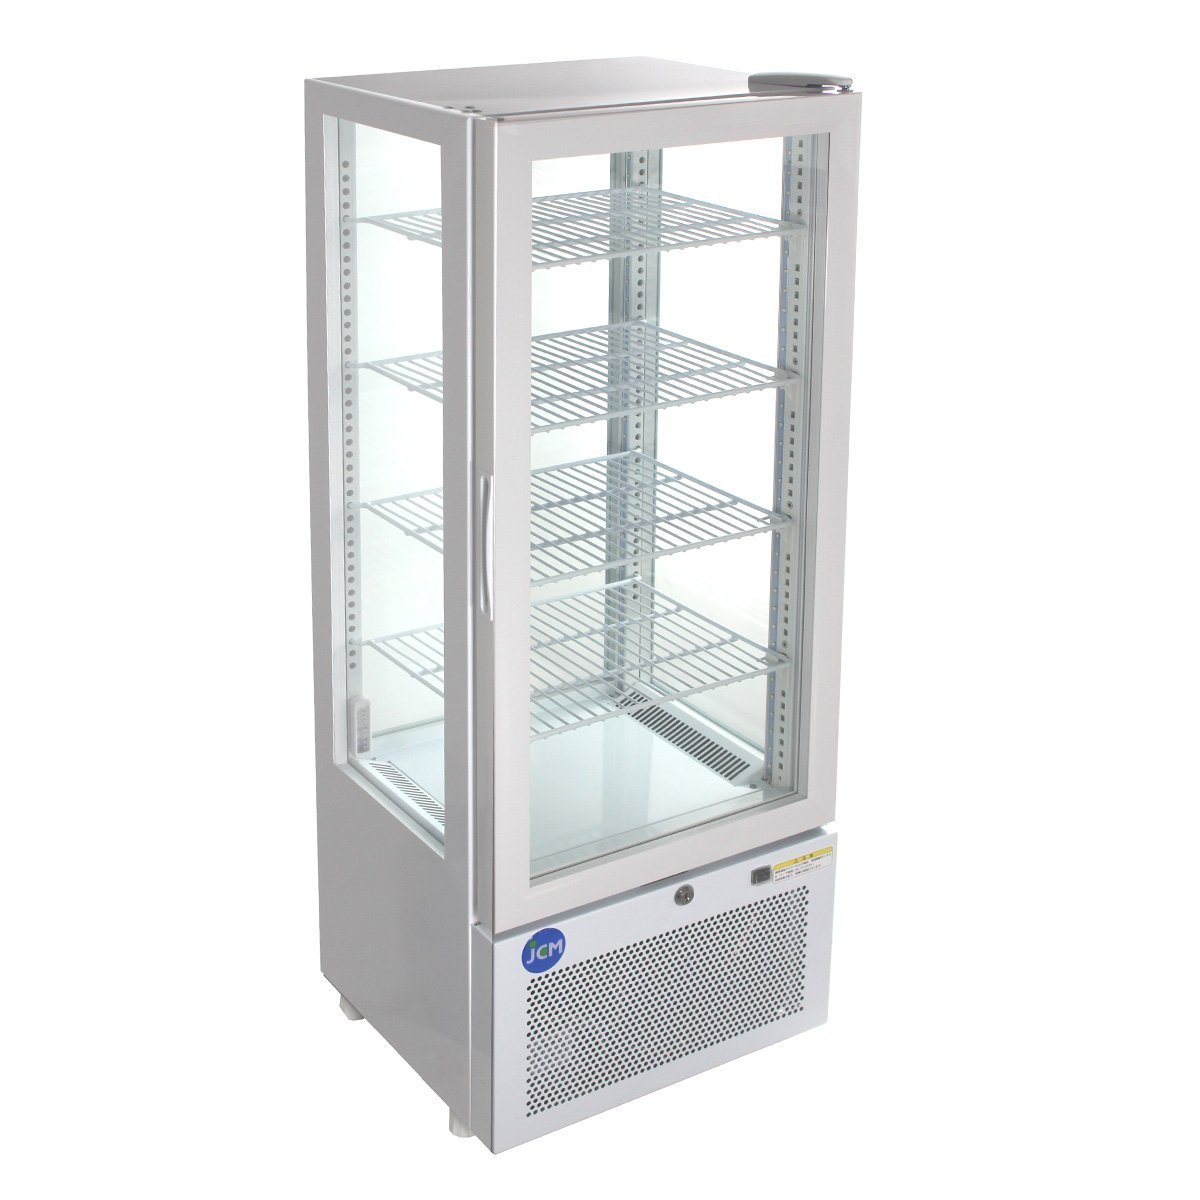 4面ガラス冷蔵ショーケース【JCMS-98】 JCMS-98   B073PW3SBT